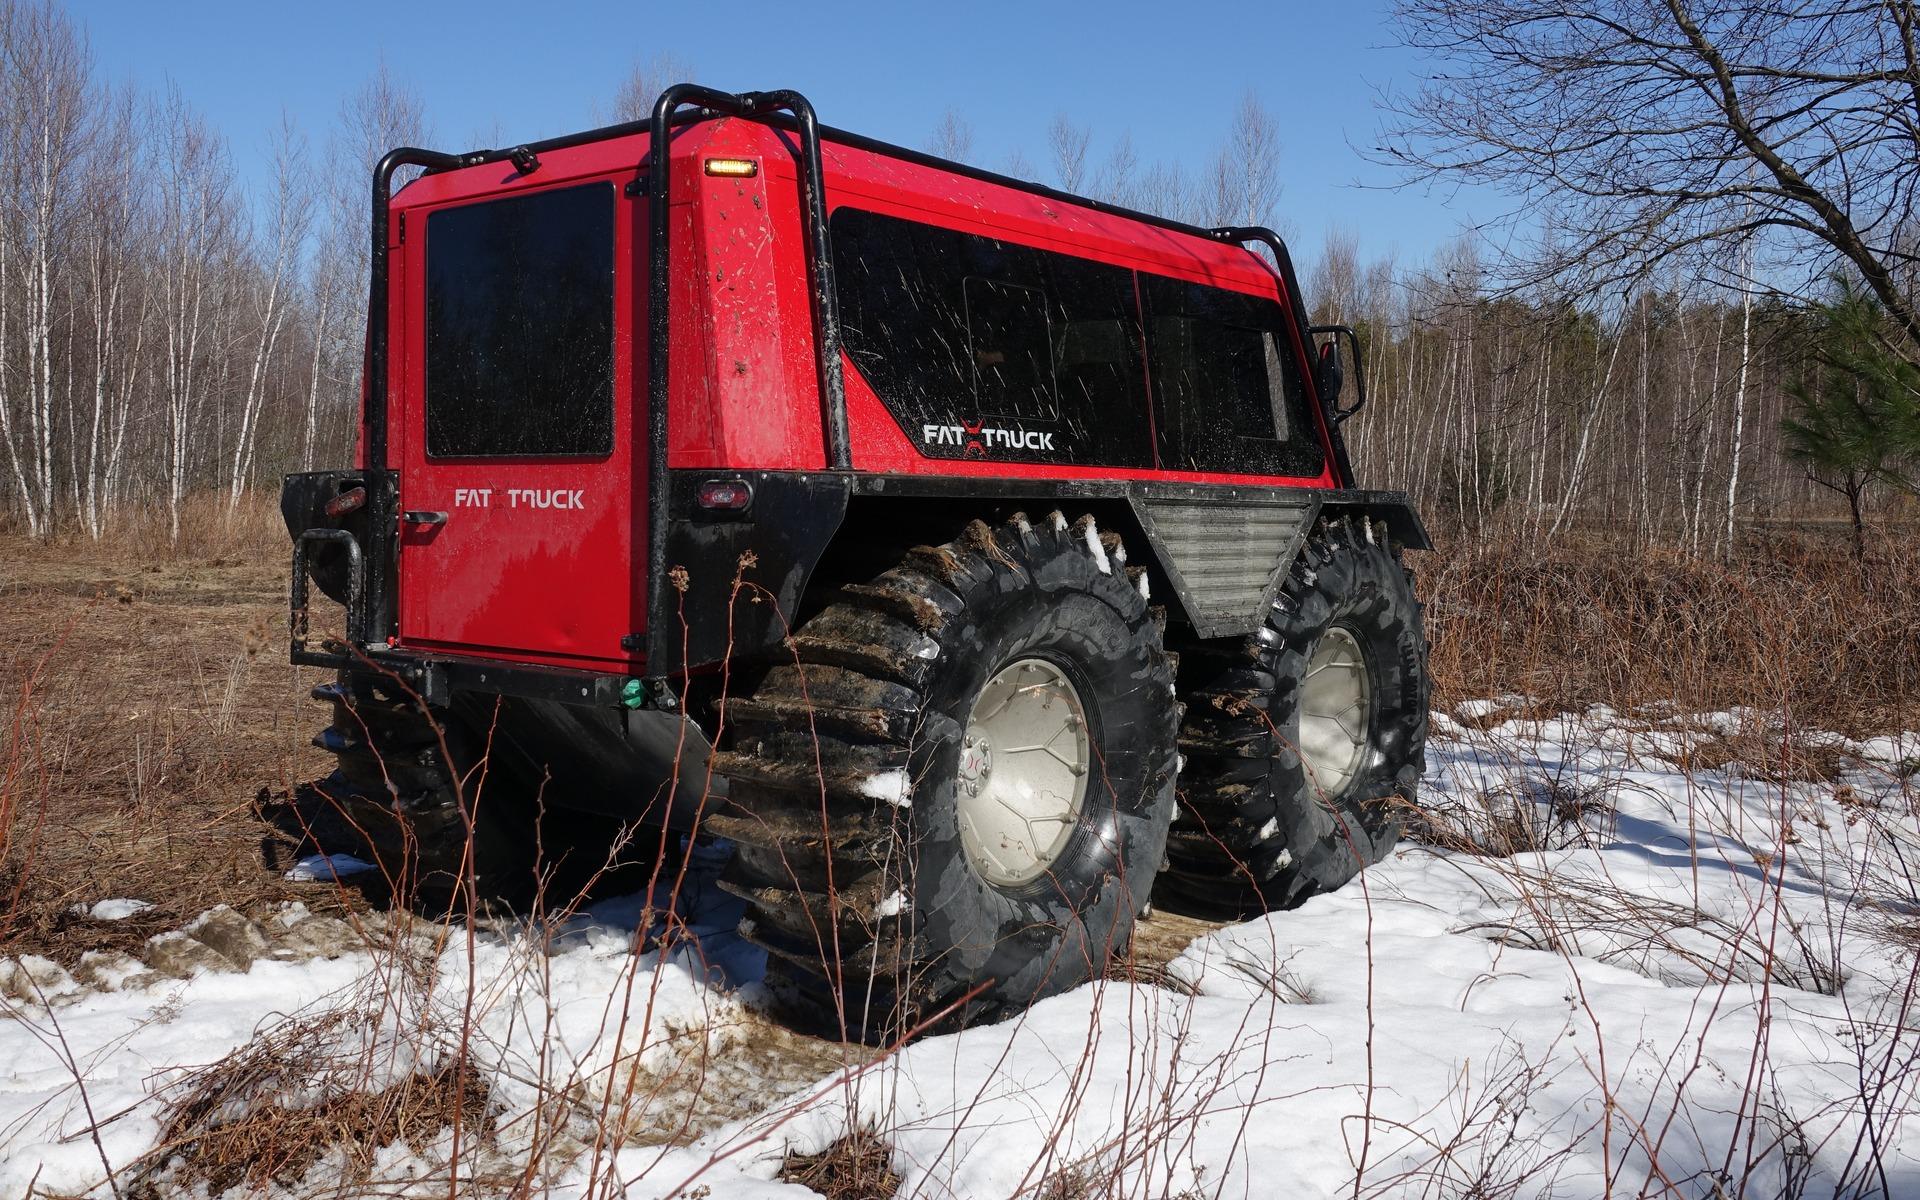 <p>La tout premier Fat Truck de Zeal Motor</p>